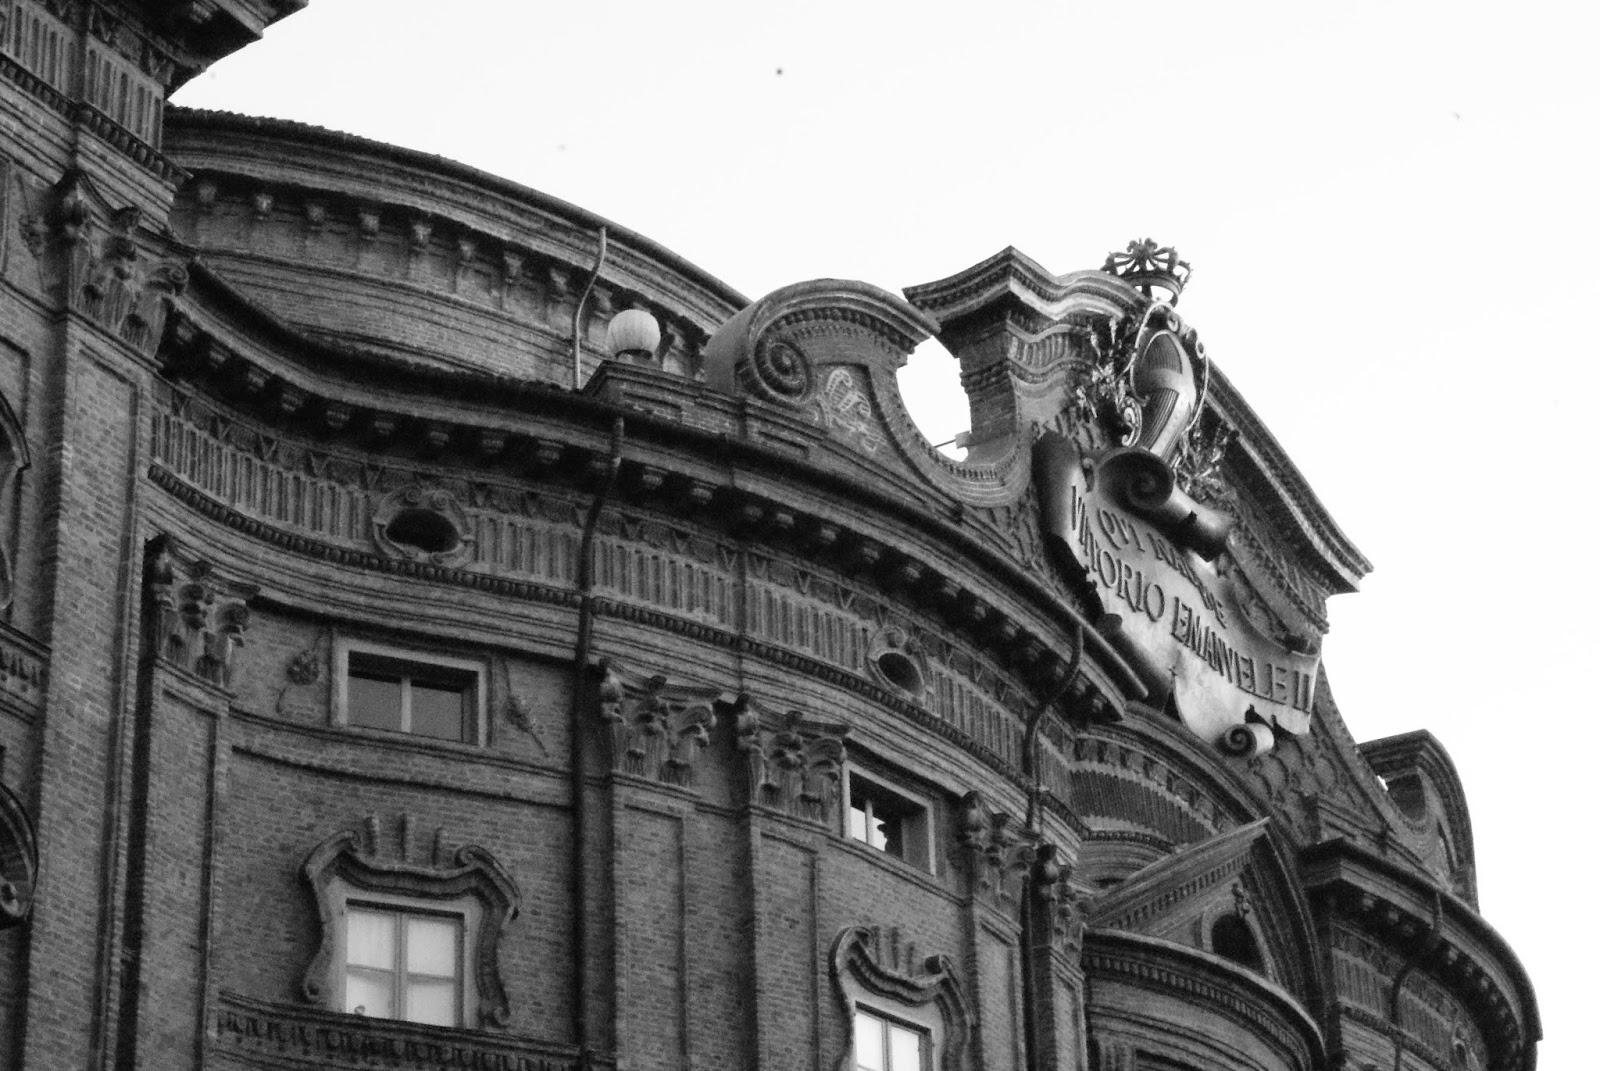 Particolare Palazzo Carignano, Torino